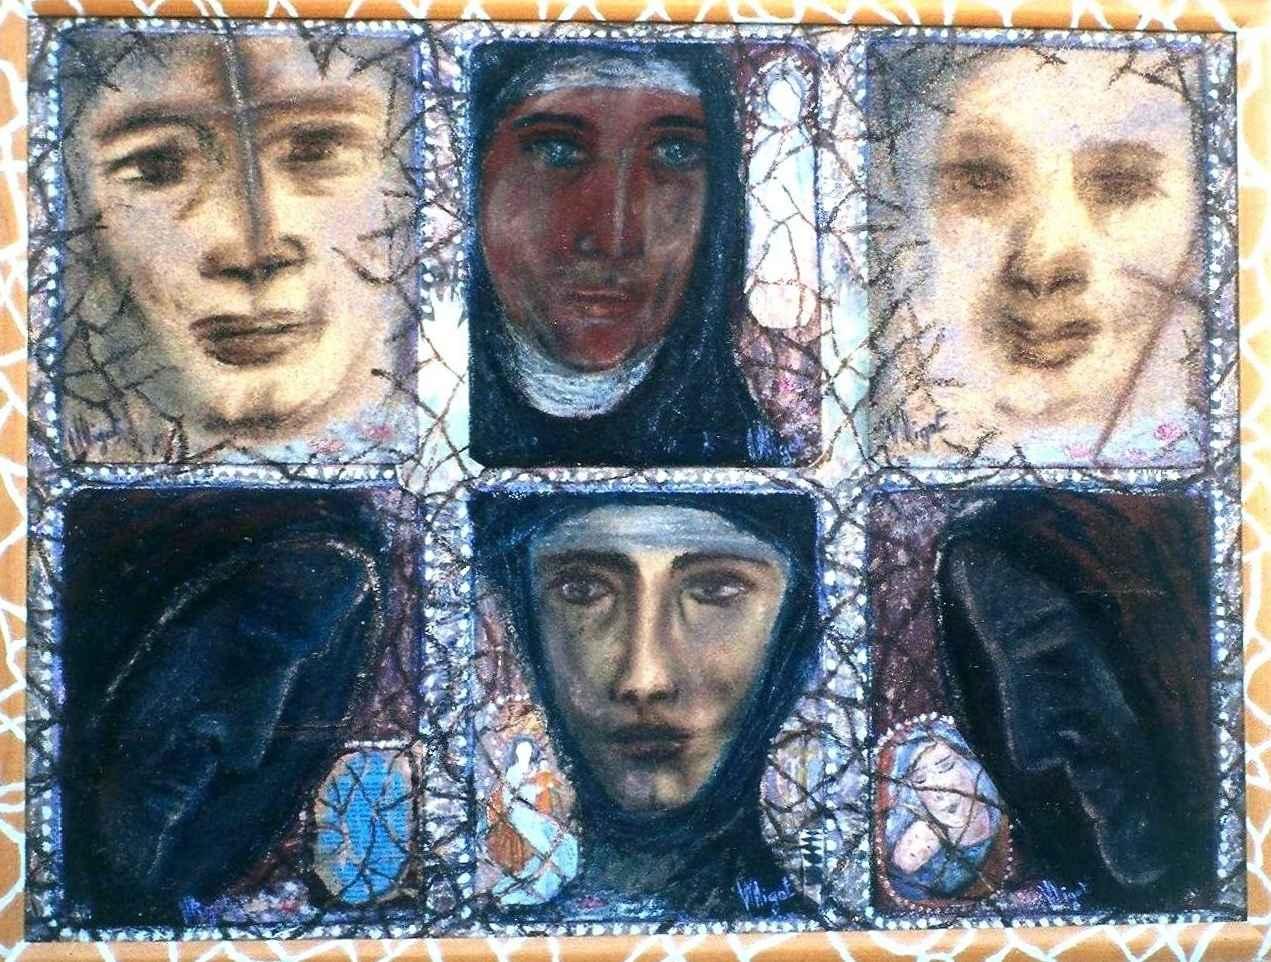 Esprits de l'Abbaye par Vinca Migot